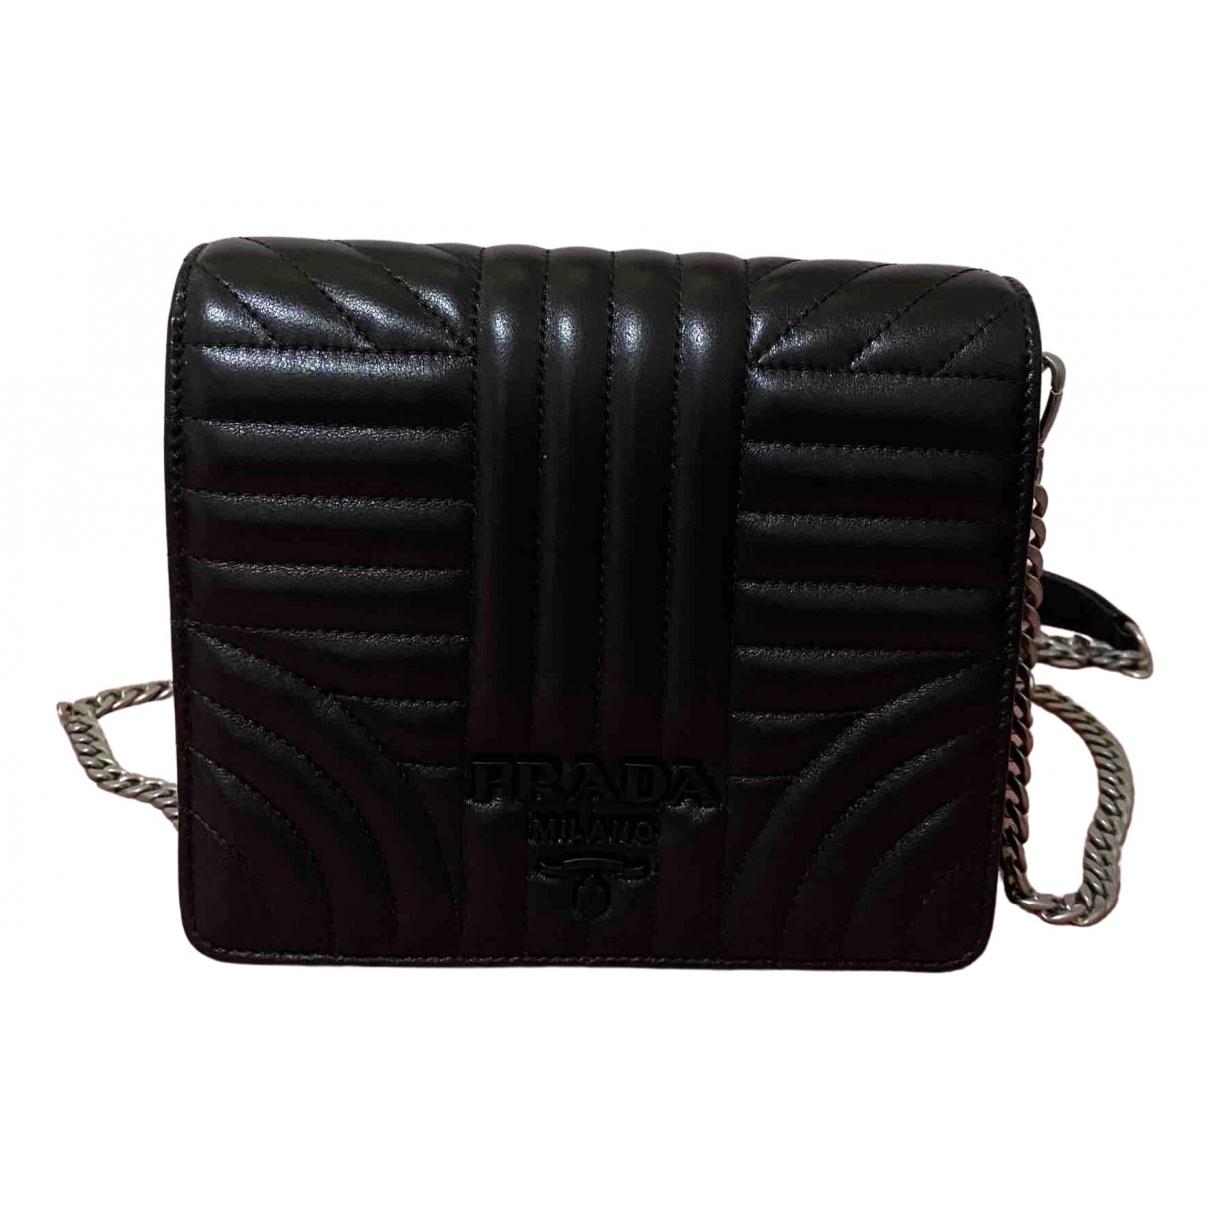 Prada Diagramme Handtasche in  Schwarz Leder